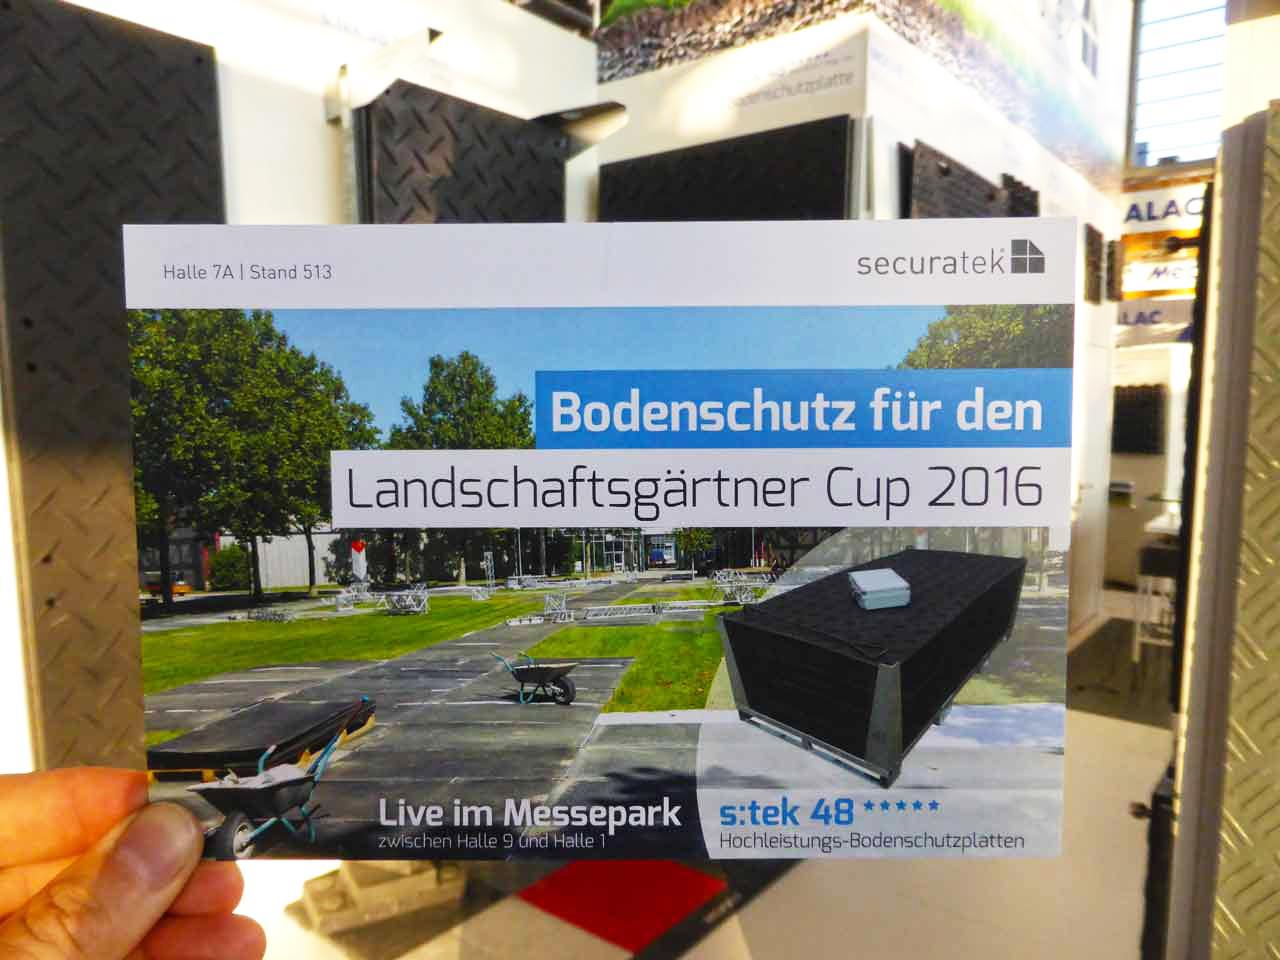 Galabau Messe galabau messe 2016 in nürnberg halle 7a stand 513 securatek